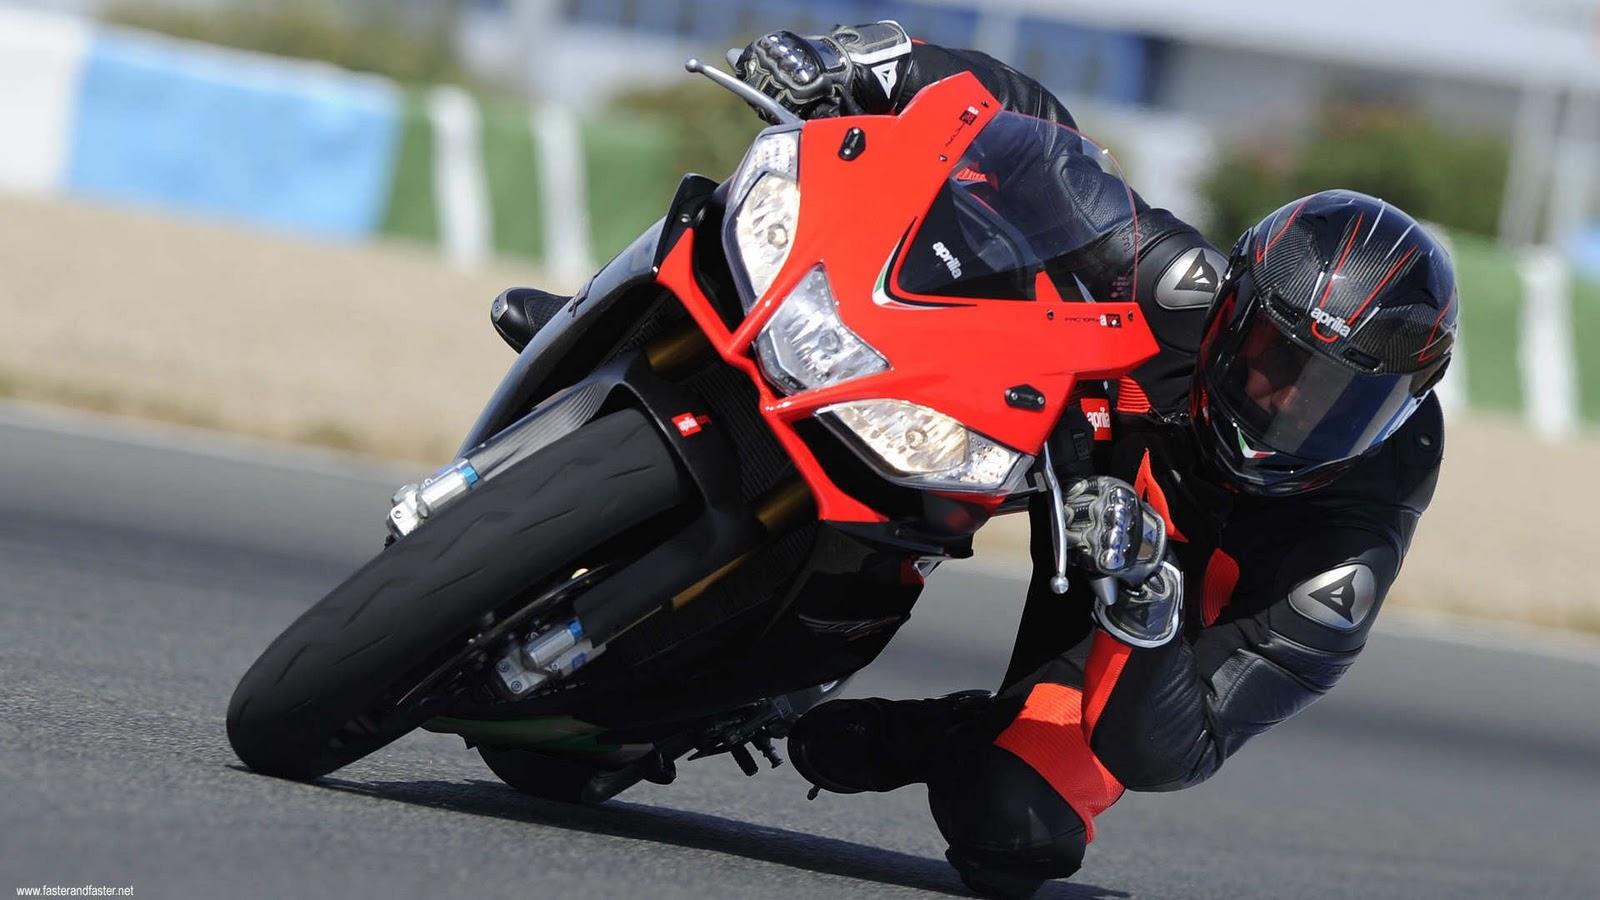 http://2.bp.blogspot.com/-9BCLDi8hN_o/TiPfiWzNOAI/AAAAAAAACZQ/o6z9j49-Ppo/s1600/Aprilia+RSV4+Factory+APRC+SE+riding+impression+%25281%2529.jpg